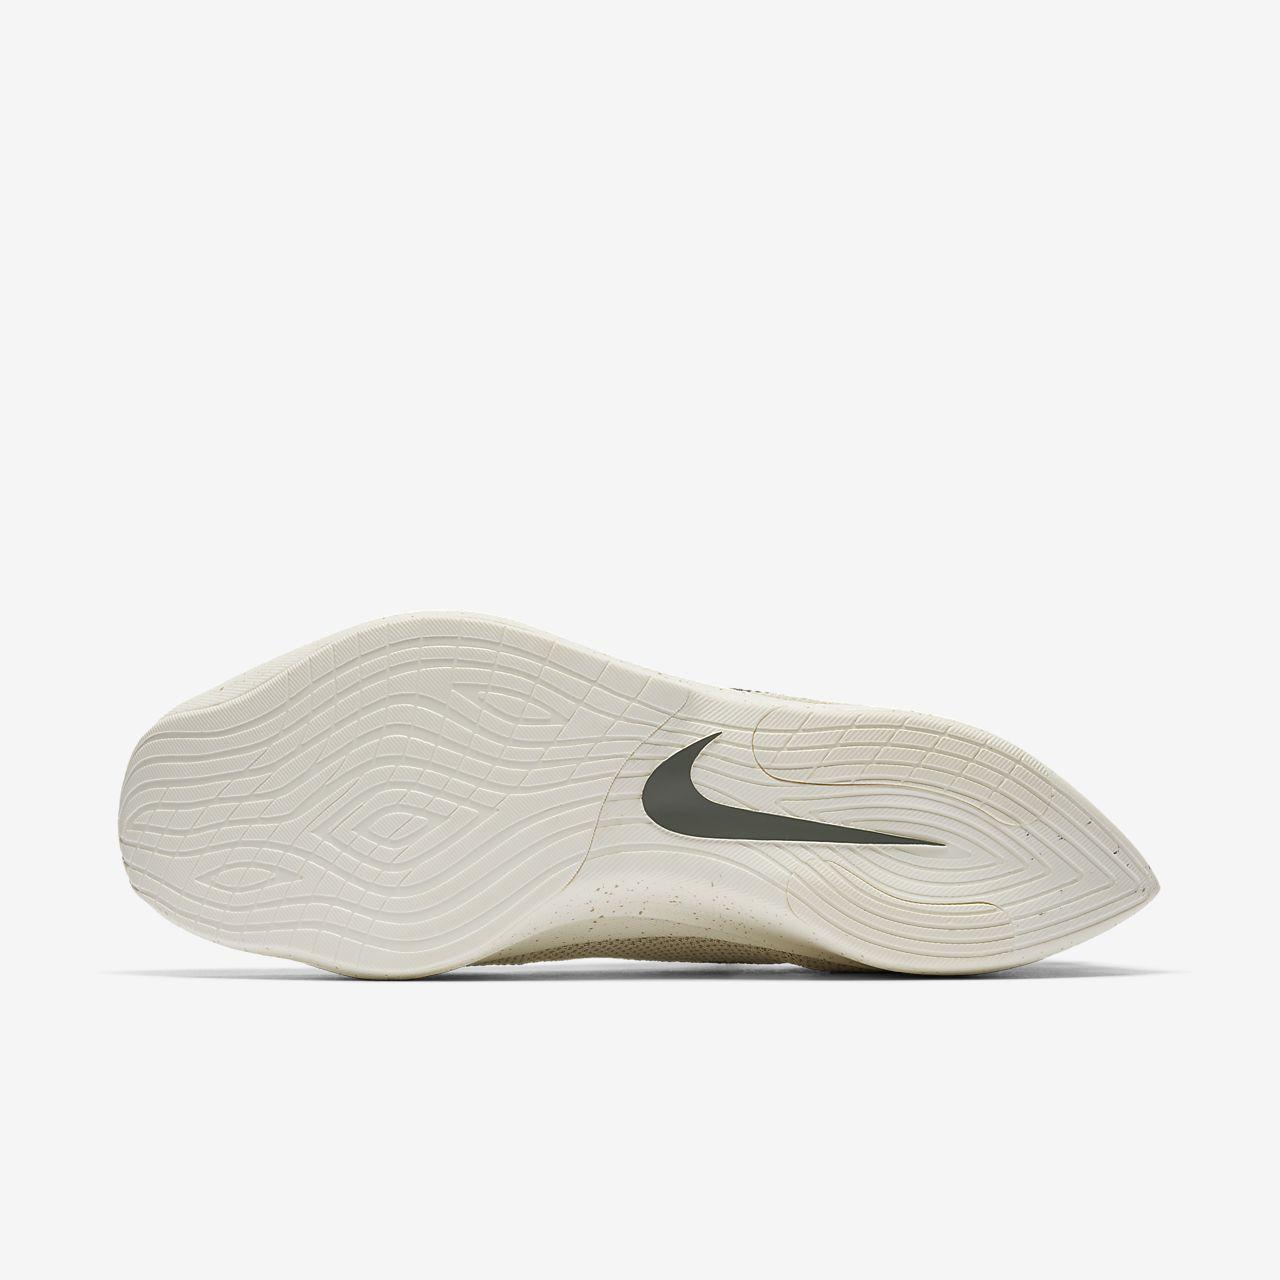 8aff95b60a45 Nike React Vapor Street Flyknit Men s Shoe. Nike.com NO